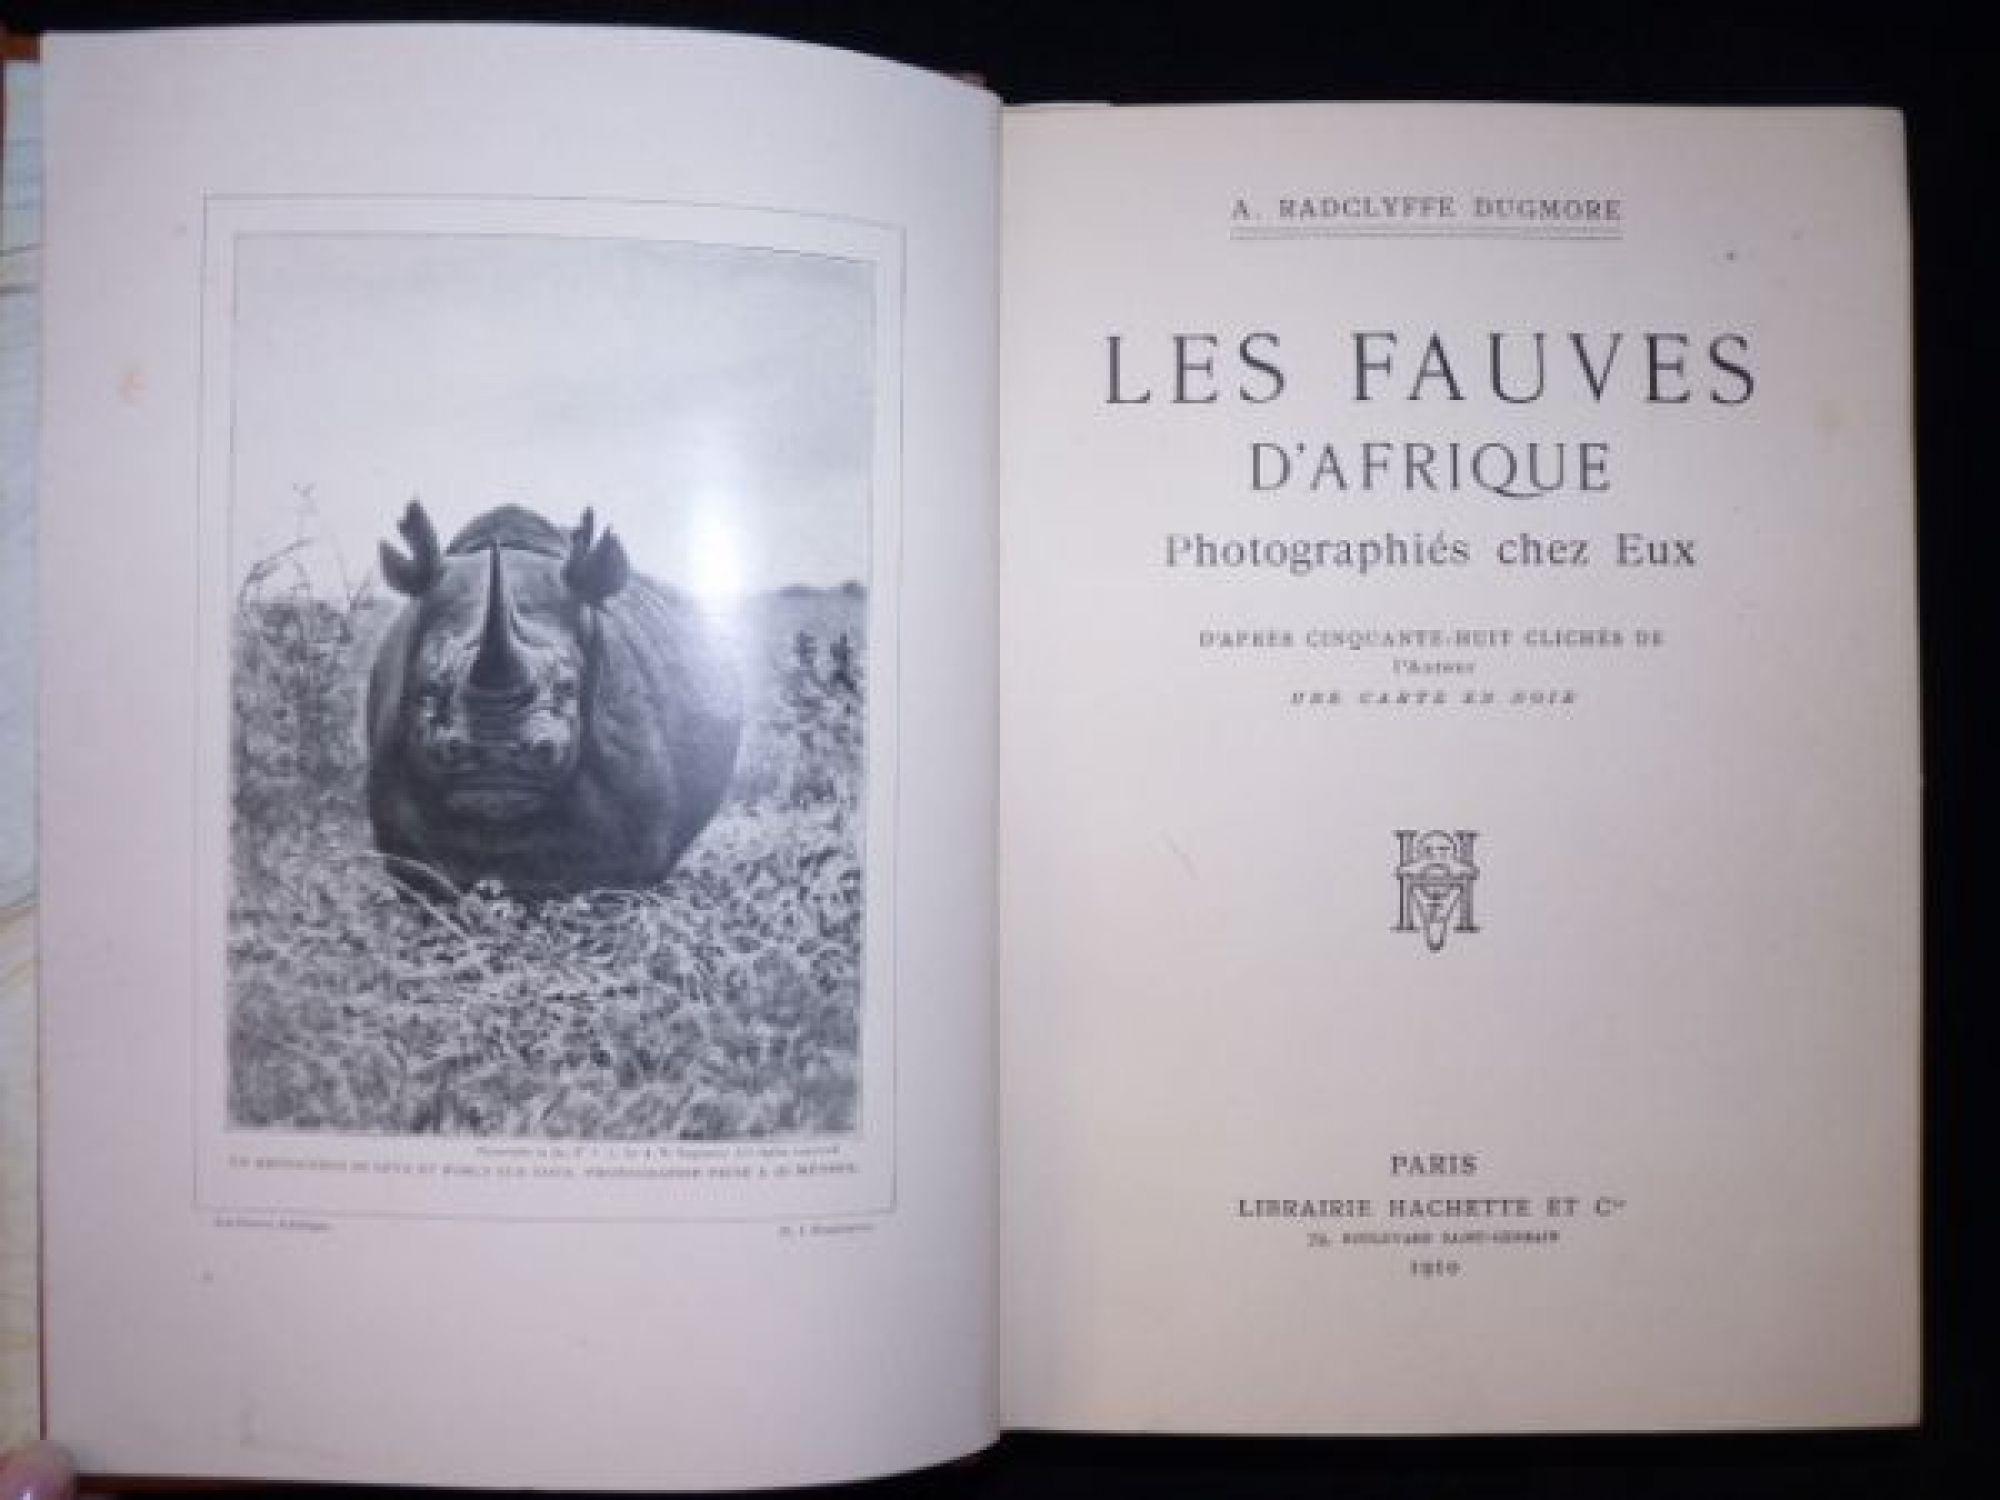 Az első felvétel, melyen egy orrszarvú támadni készül. Mintegy 14 méterről készítette a fotográfus a képet. <br />Fotó: Arthur Radclyffe Dugmore: Kenya, Afrika, 1909<br />Megjelent: Les Fauves d'Afrique, Paris, 1910